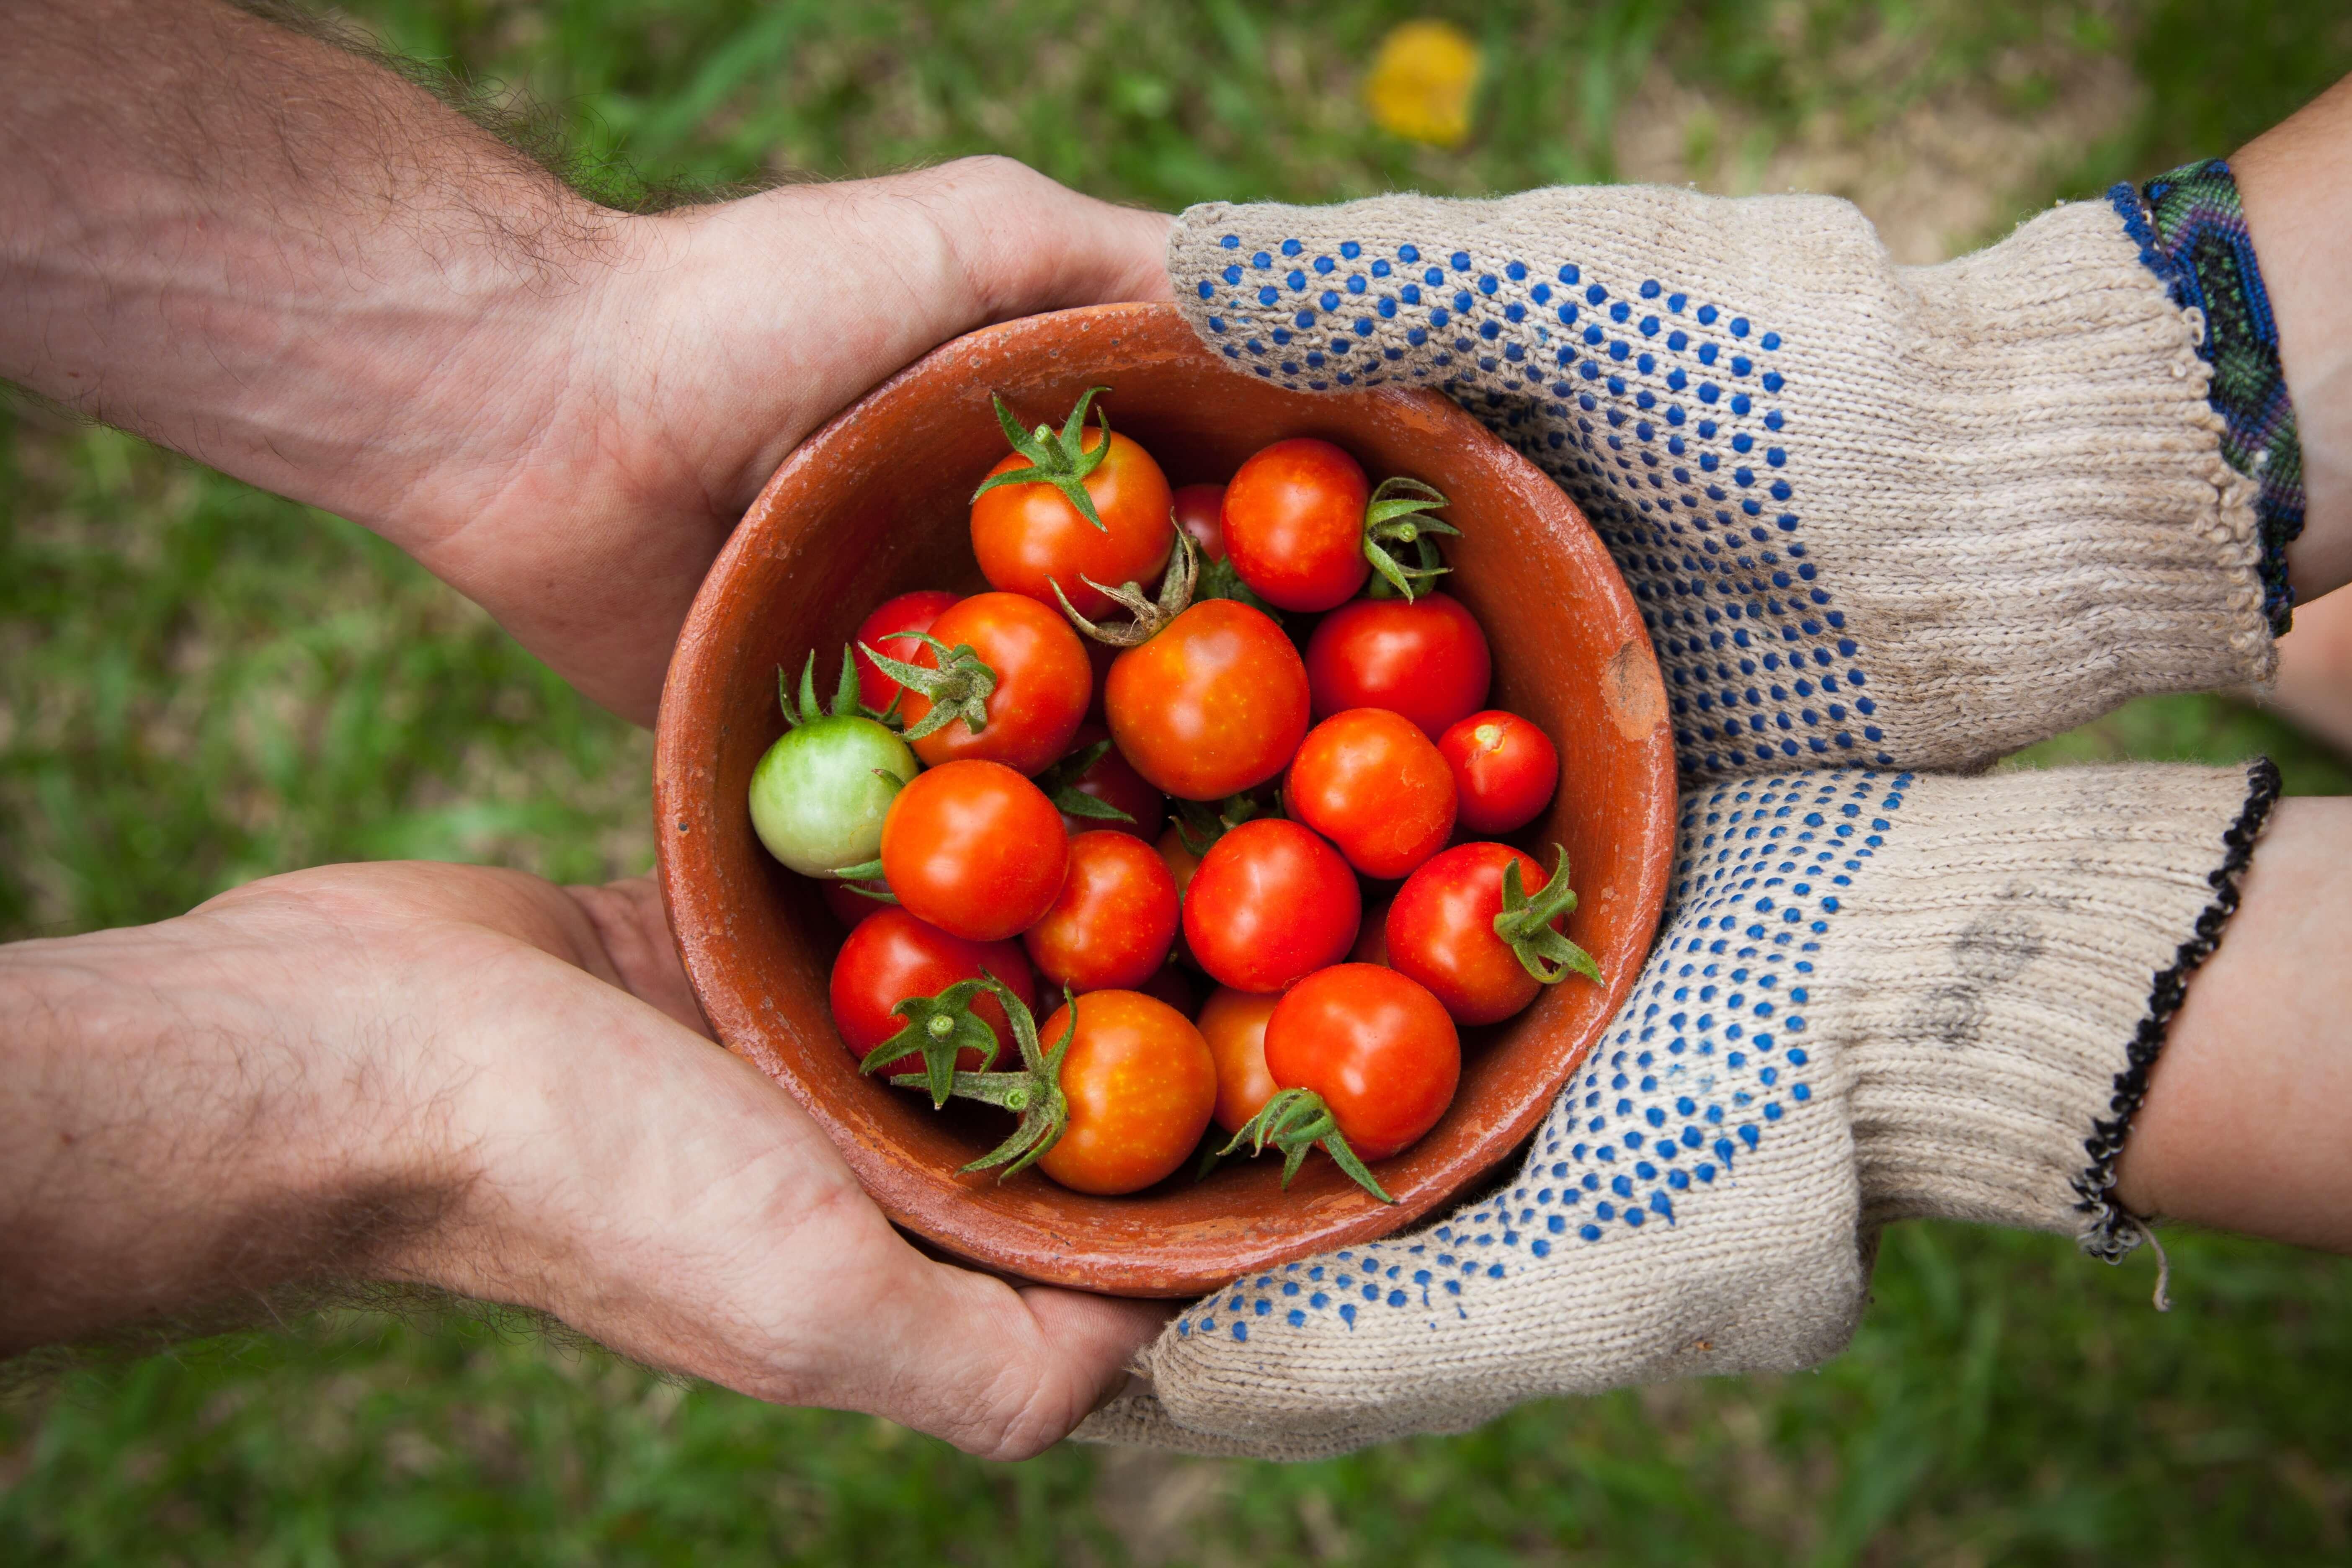 Ik wil aan de slag in mijn tuin. Hoe ga ik te werk?